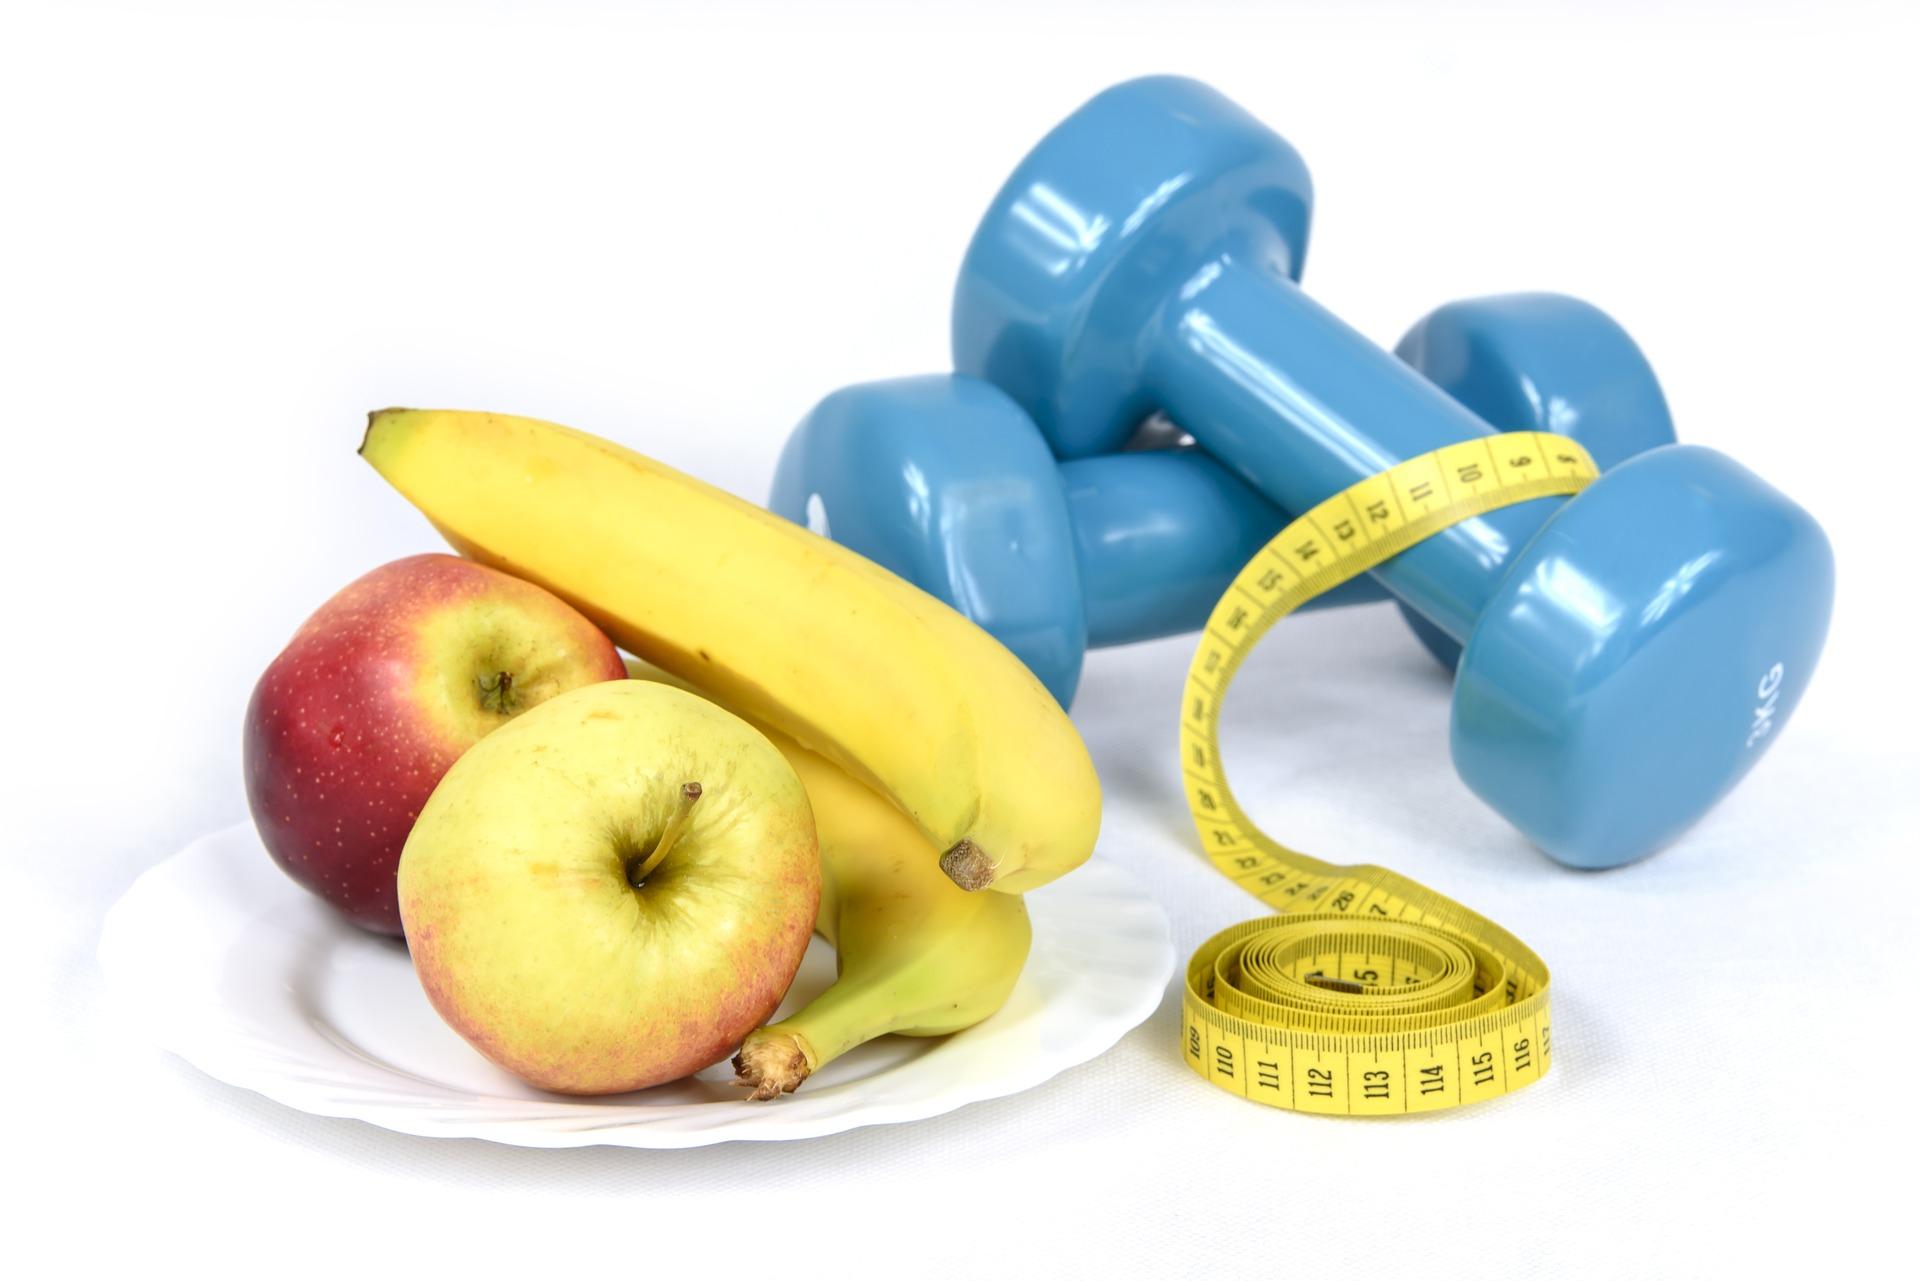 תזונה לספורטאים - מה תכלס ההבדל בינם לבין אנשים נורמליים?